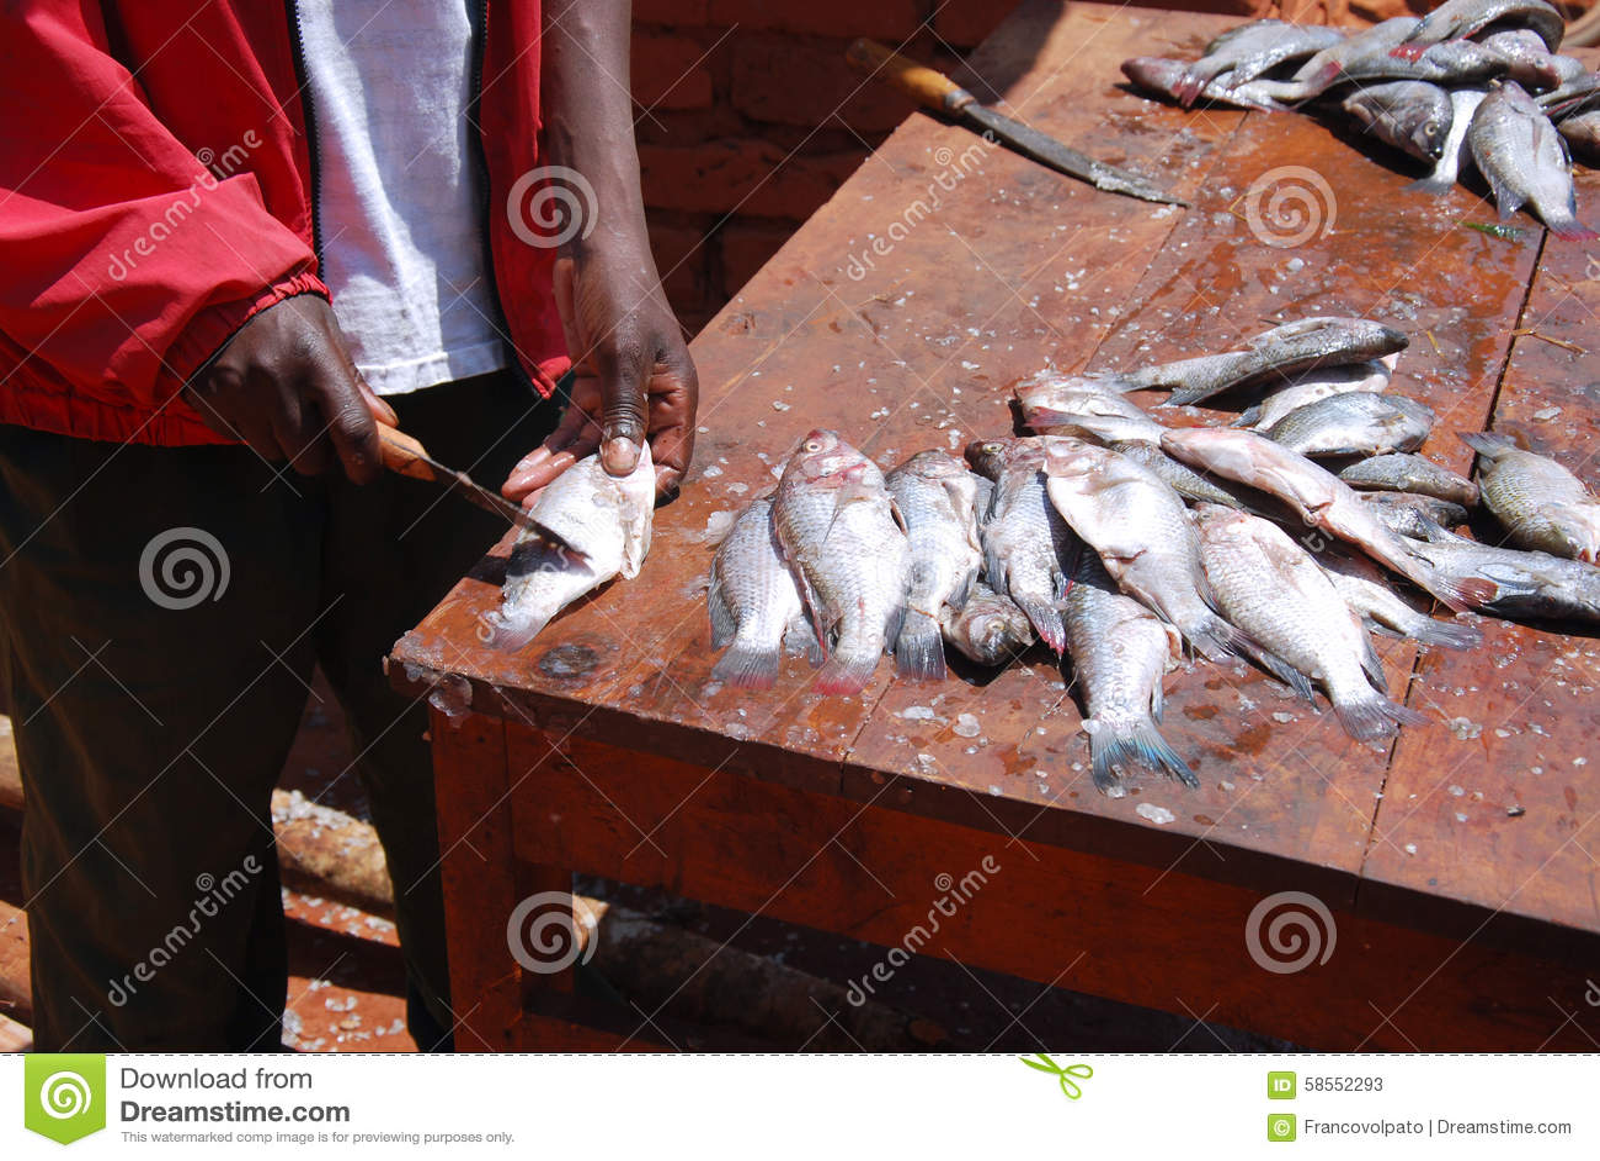 Уборщик рыб на рынке Pomerini в Танзании, Африке 72